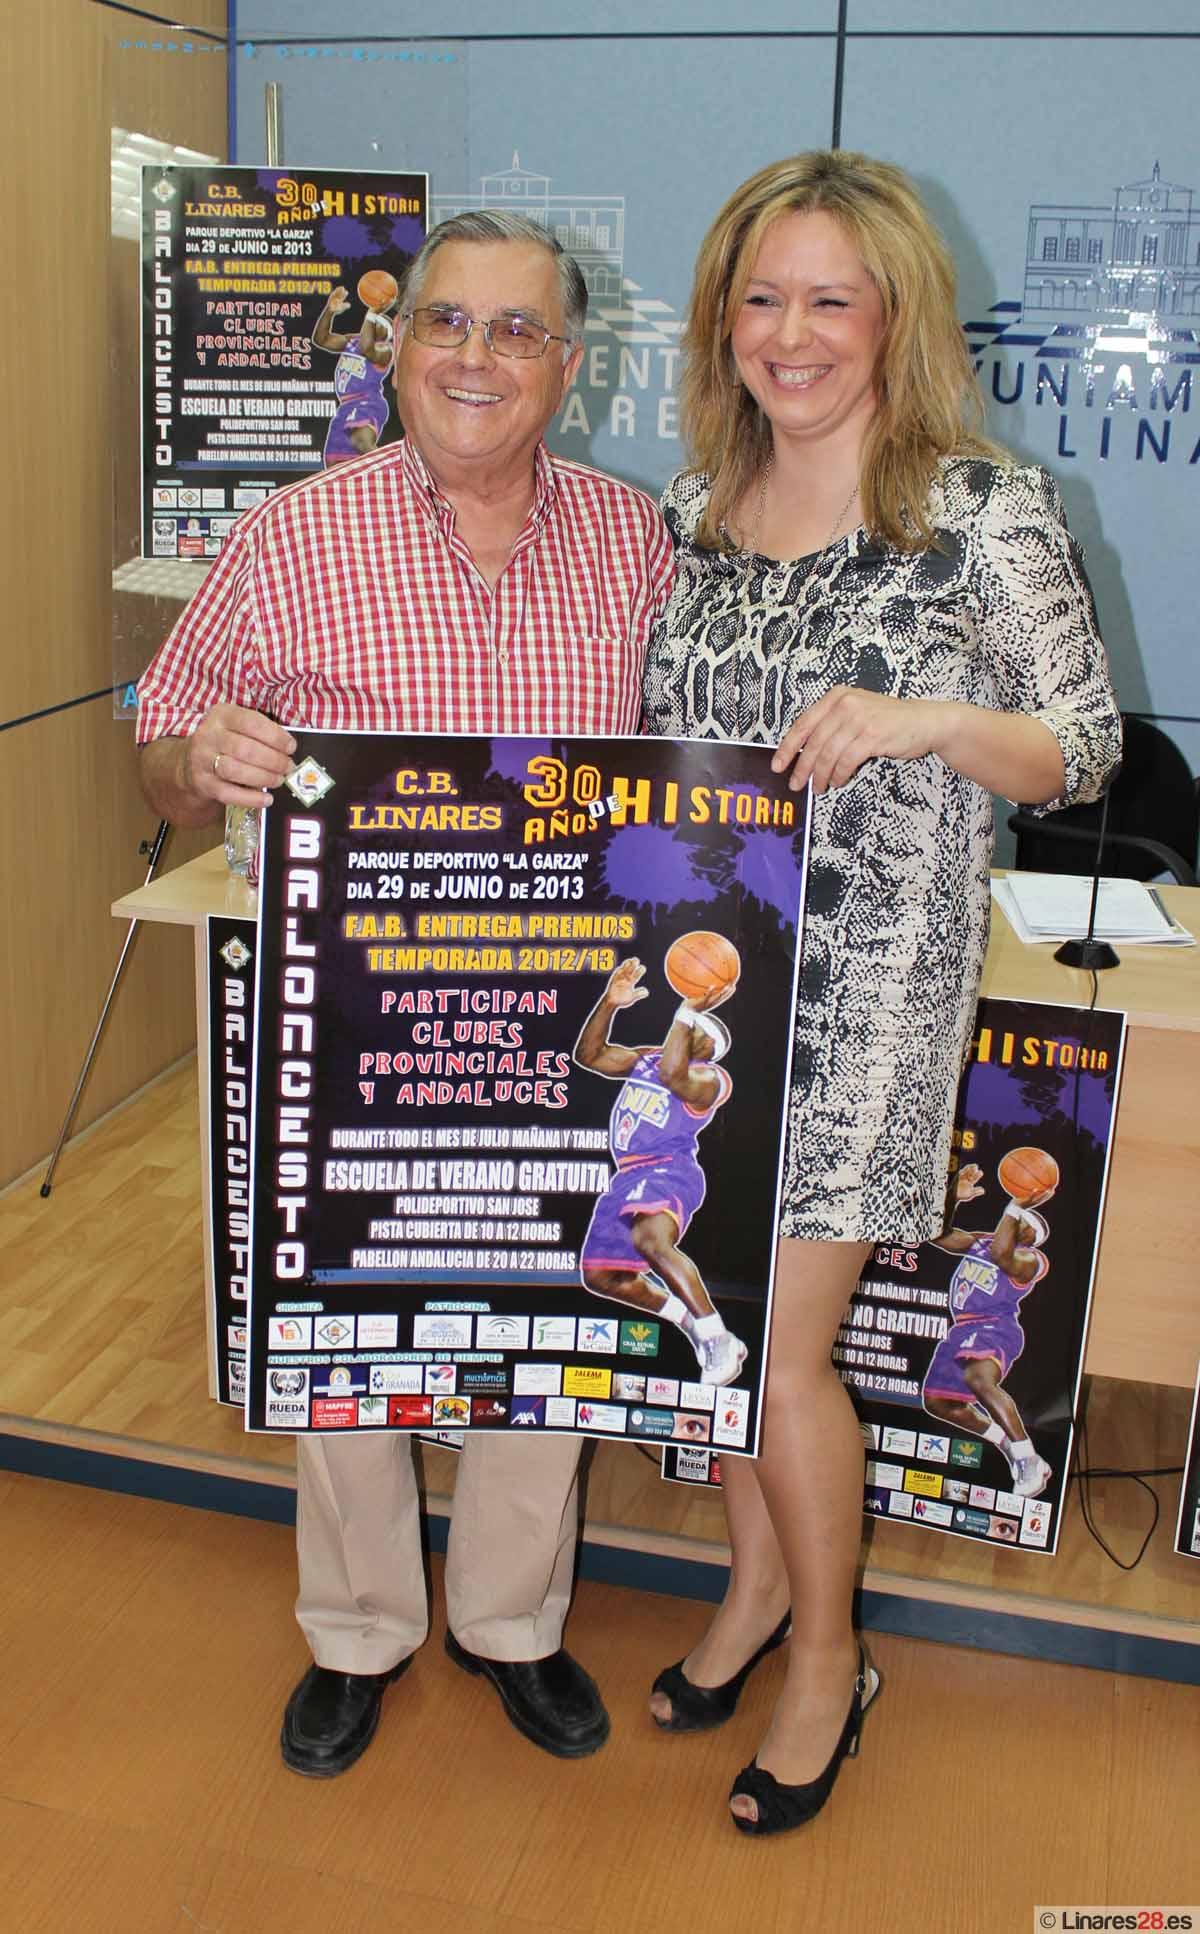 El CB Linares celebra sus treinta años de historia